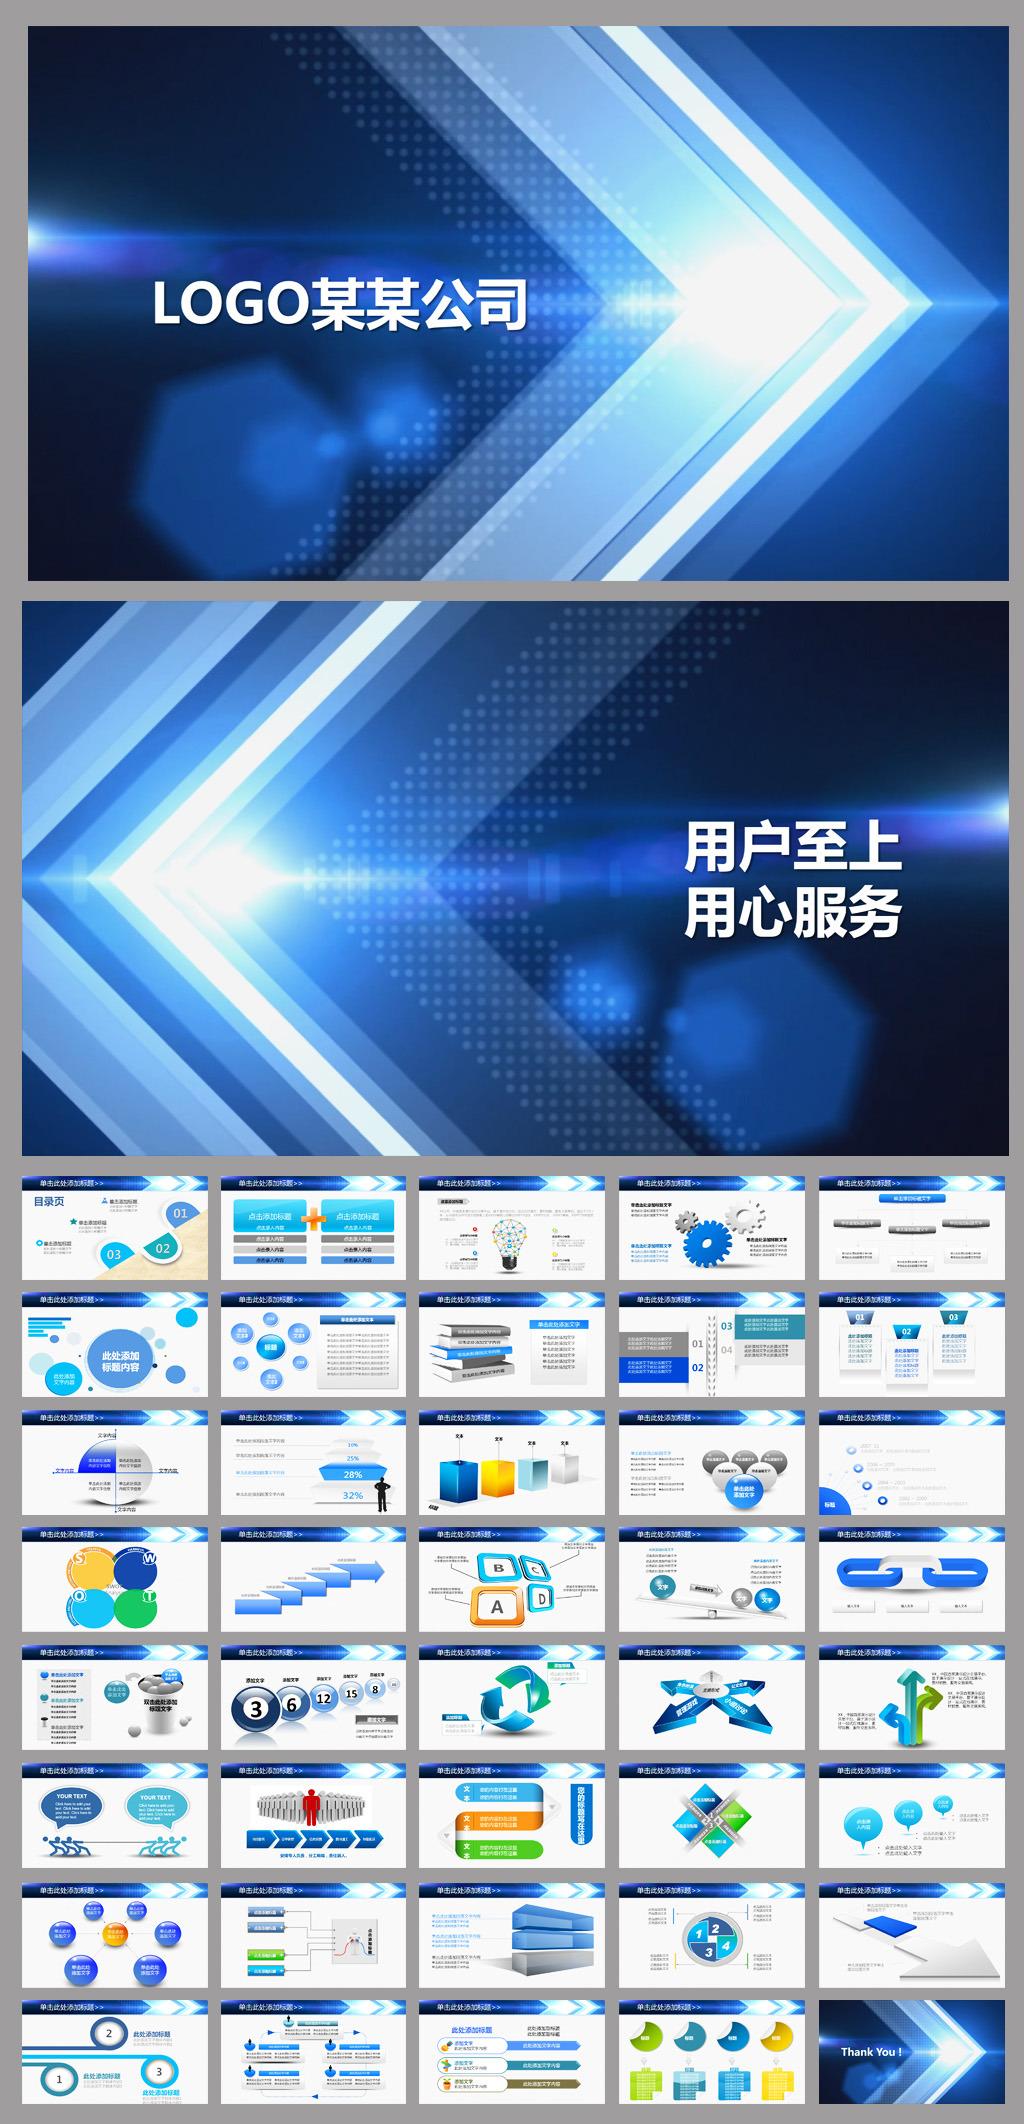 公司简介宣传片头ppt模板素材模板下载(图片编号:)